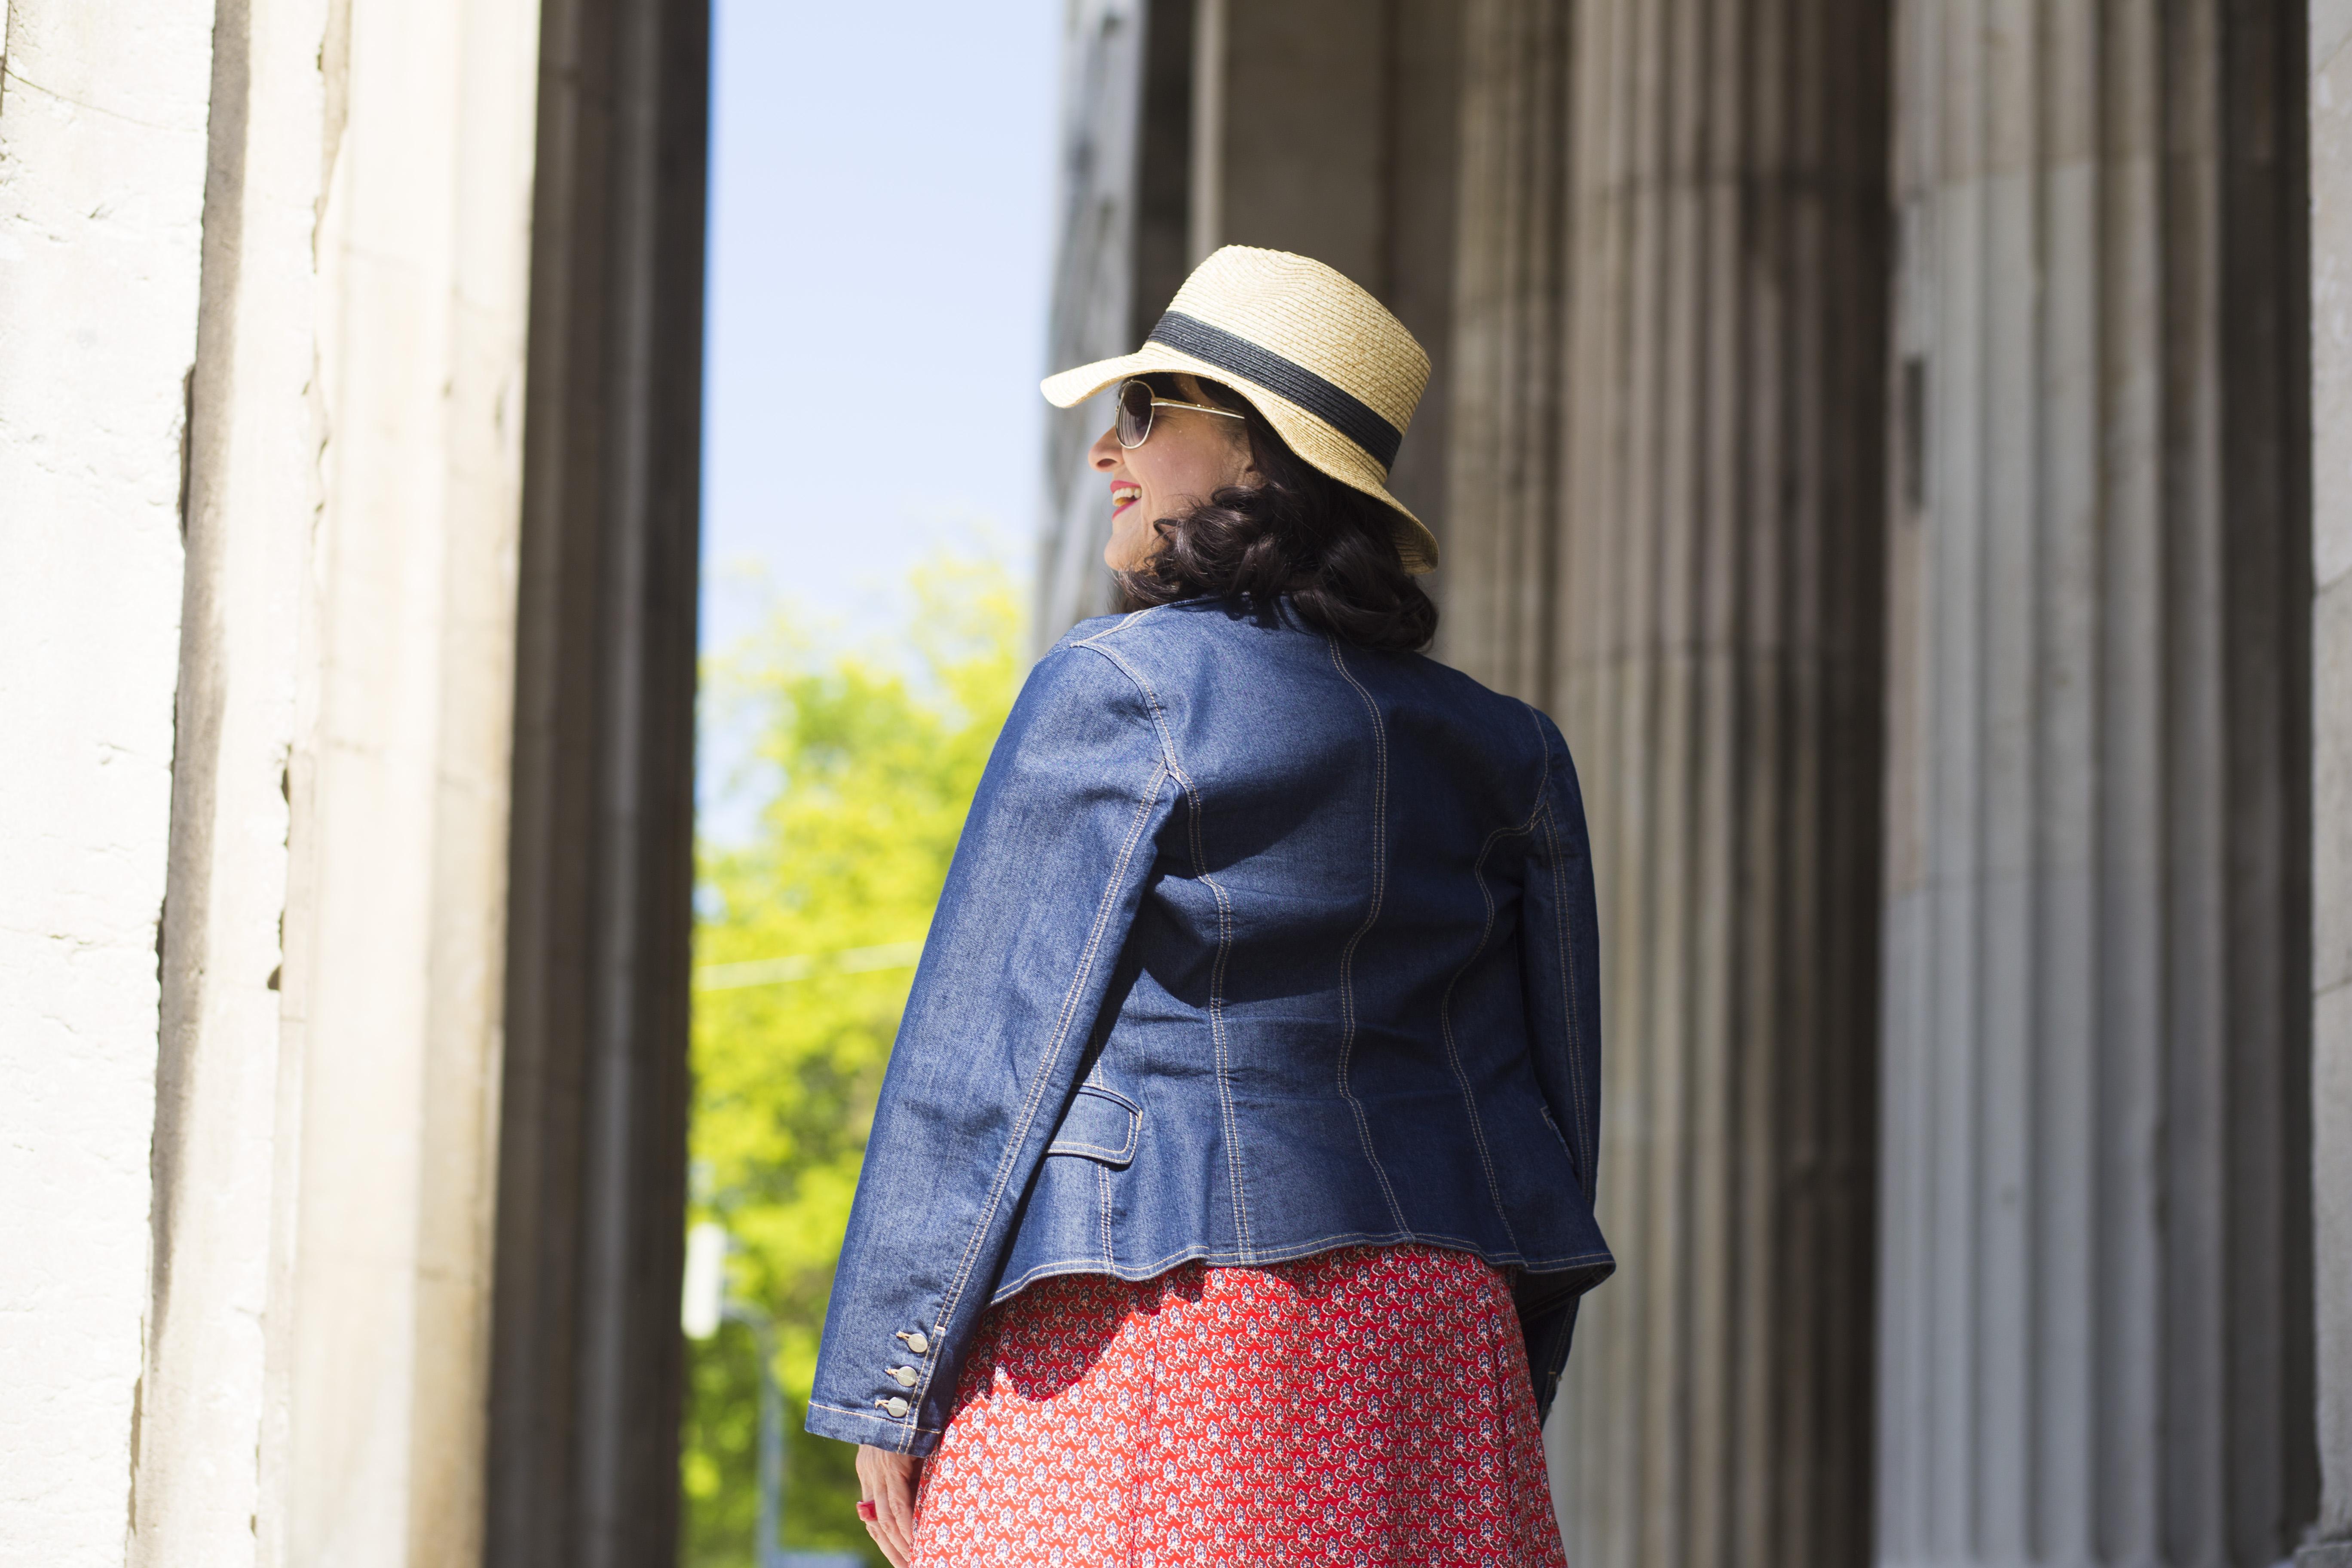 Kleid mit Denim Jacke und Hut